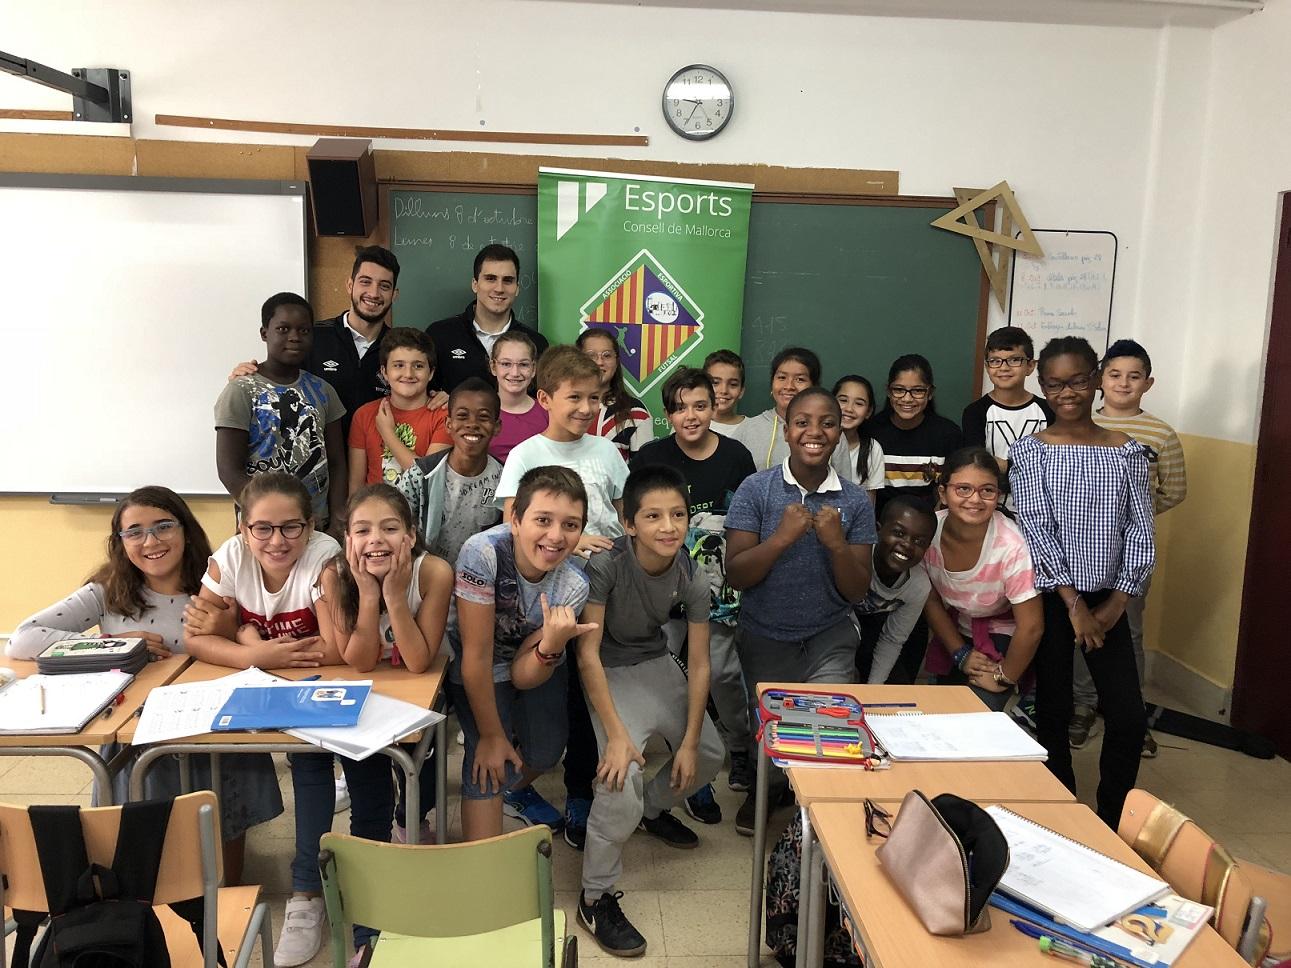 web Mati Rosa y Joaki han compartido la mañana con los alumnos del colegio Miquel Porcel